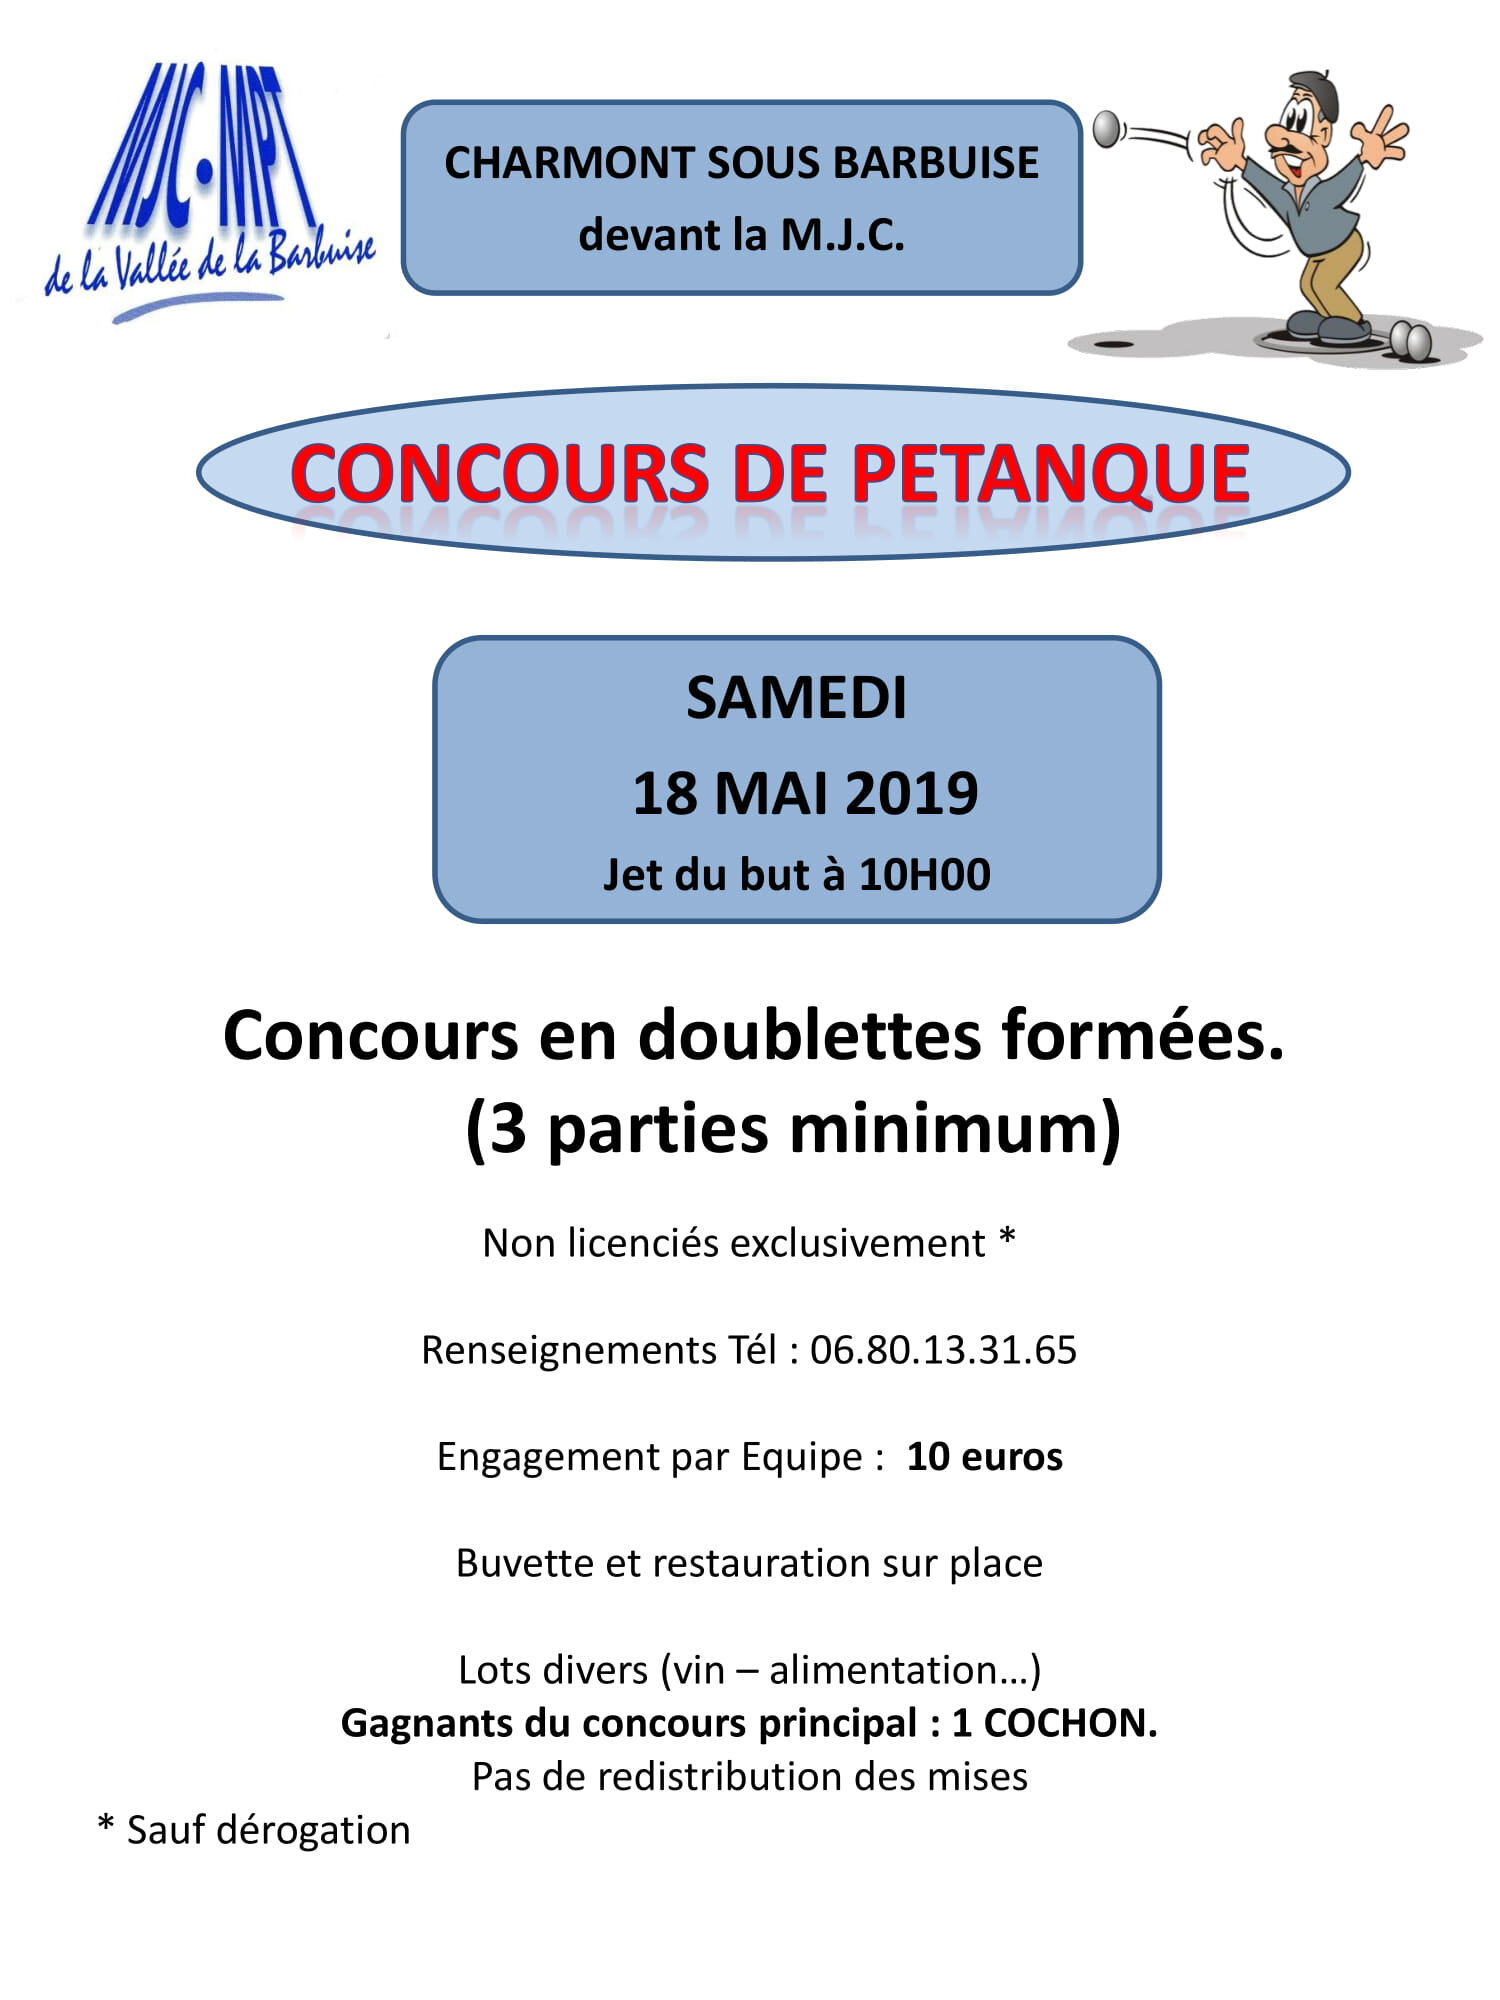 Concours de pétanque - 18 mai